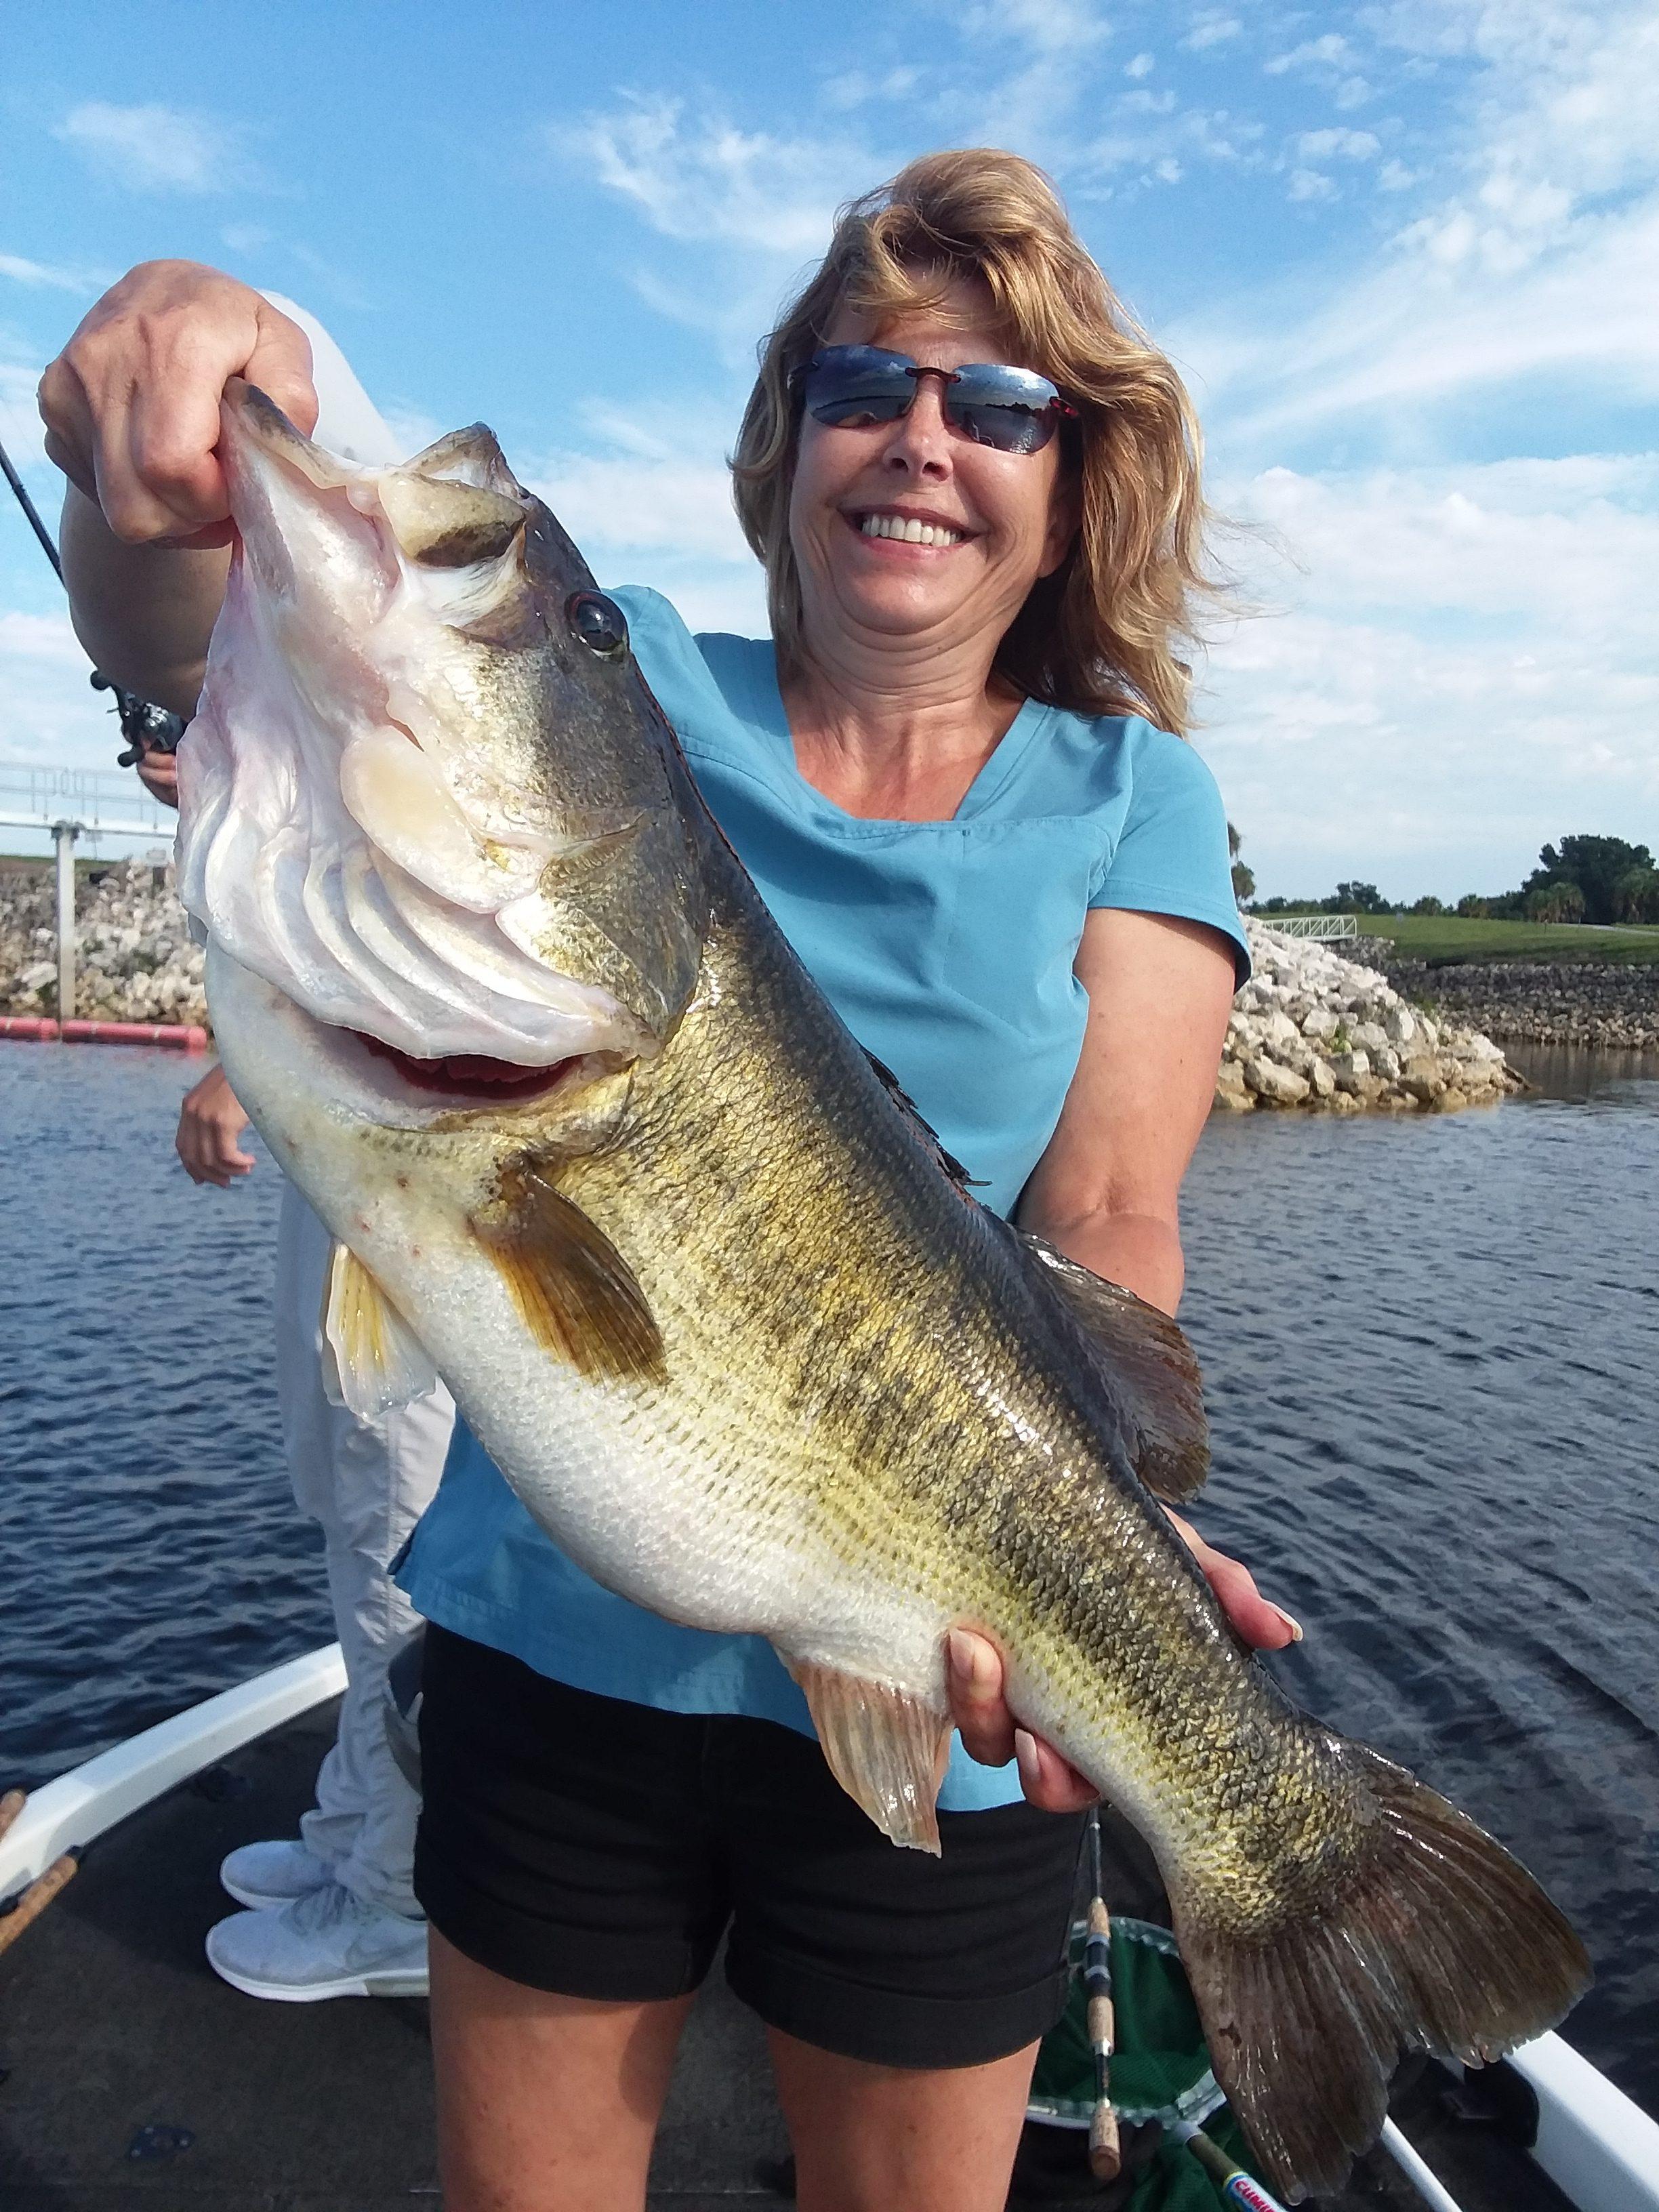 Okeechobee Fishing Charters- Lake Okeechobee Fishing Report 6/9/19